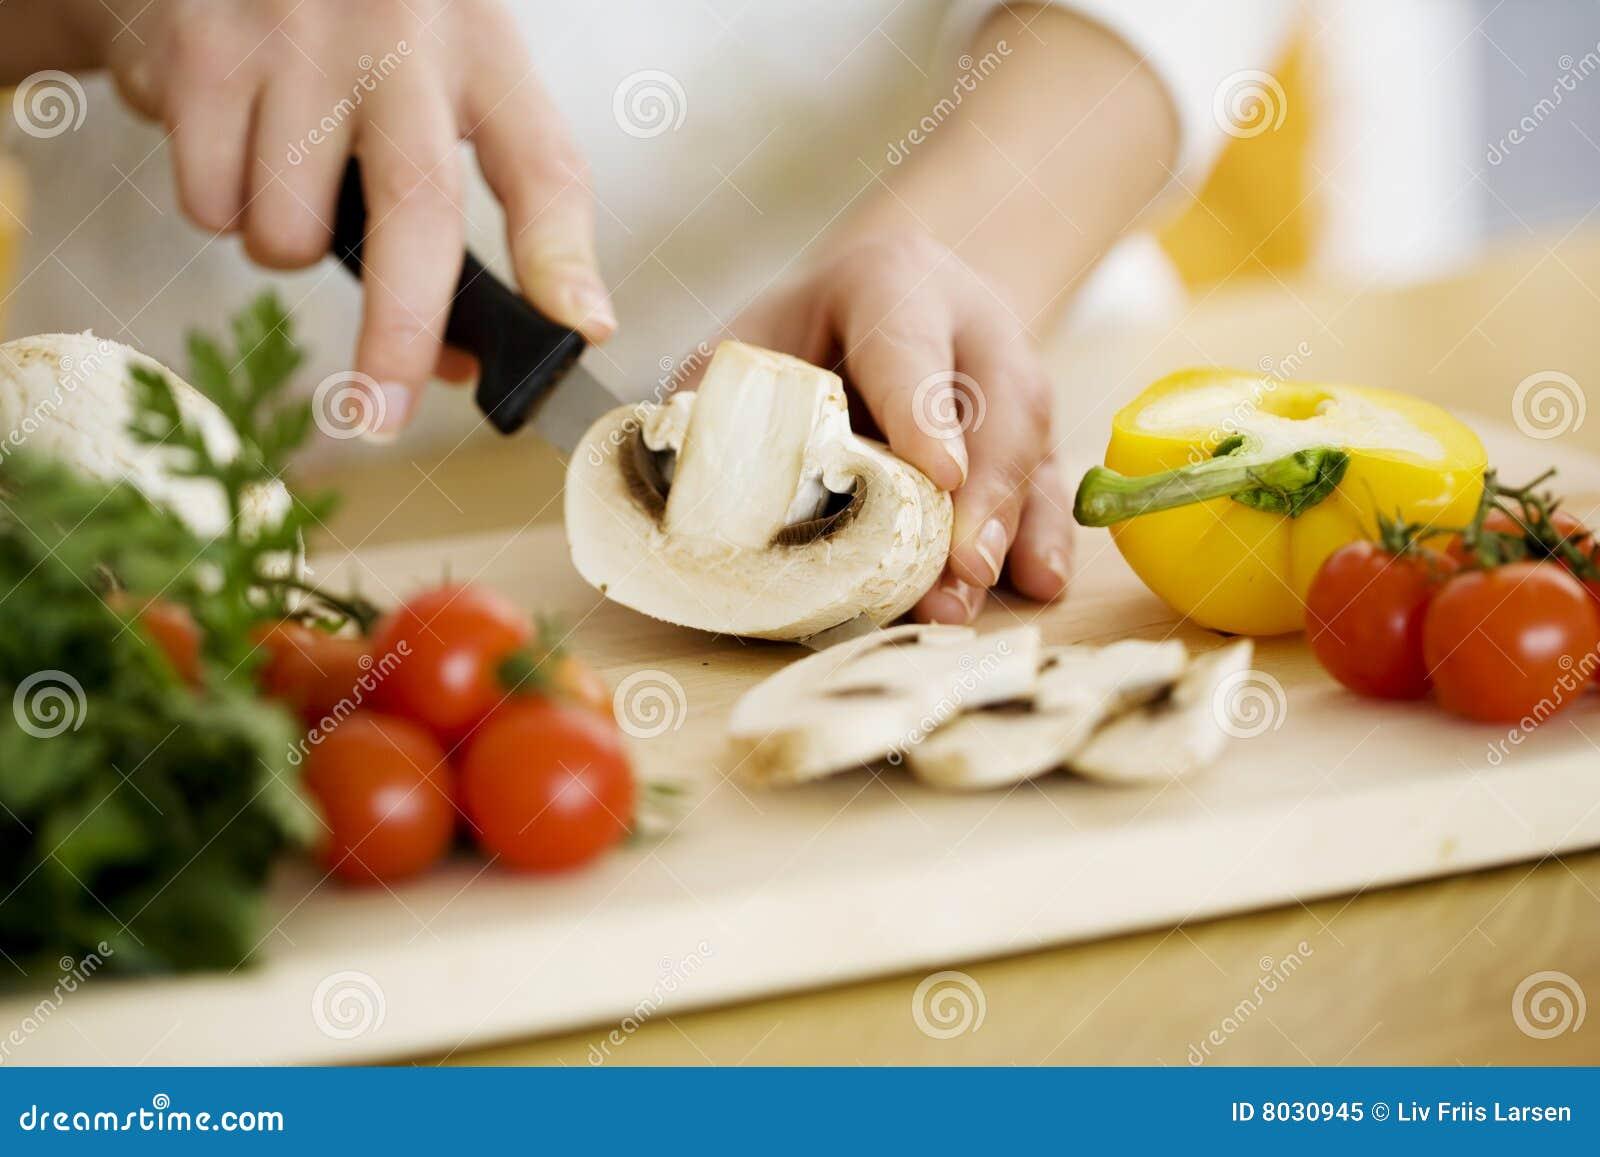 Zubereitung der Nahrung